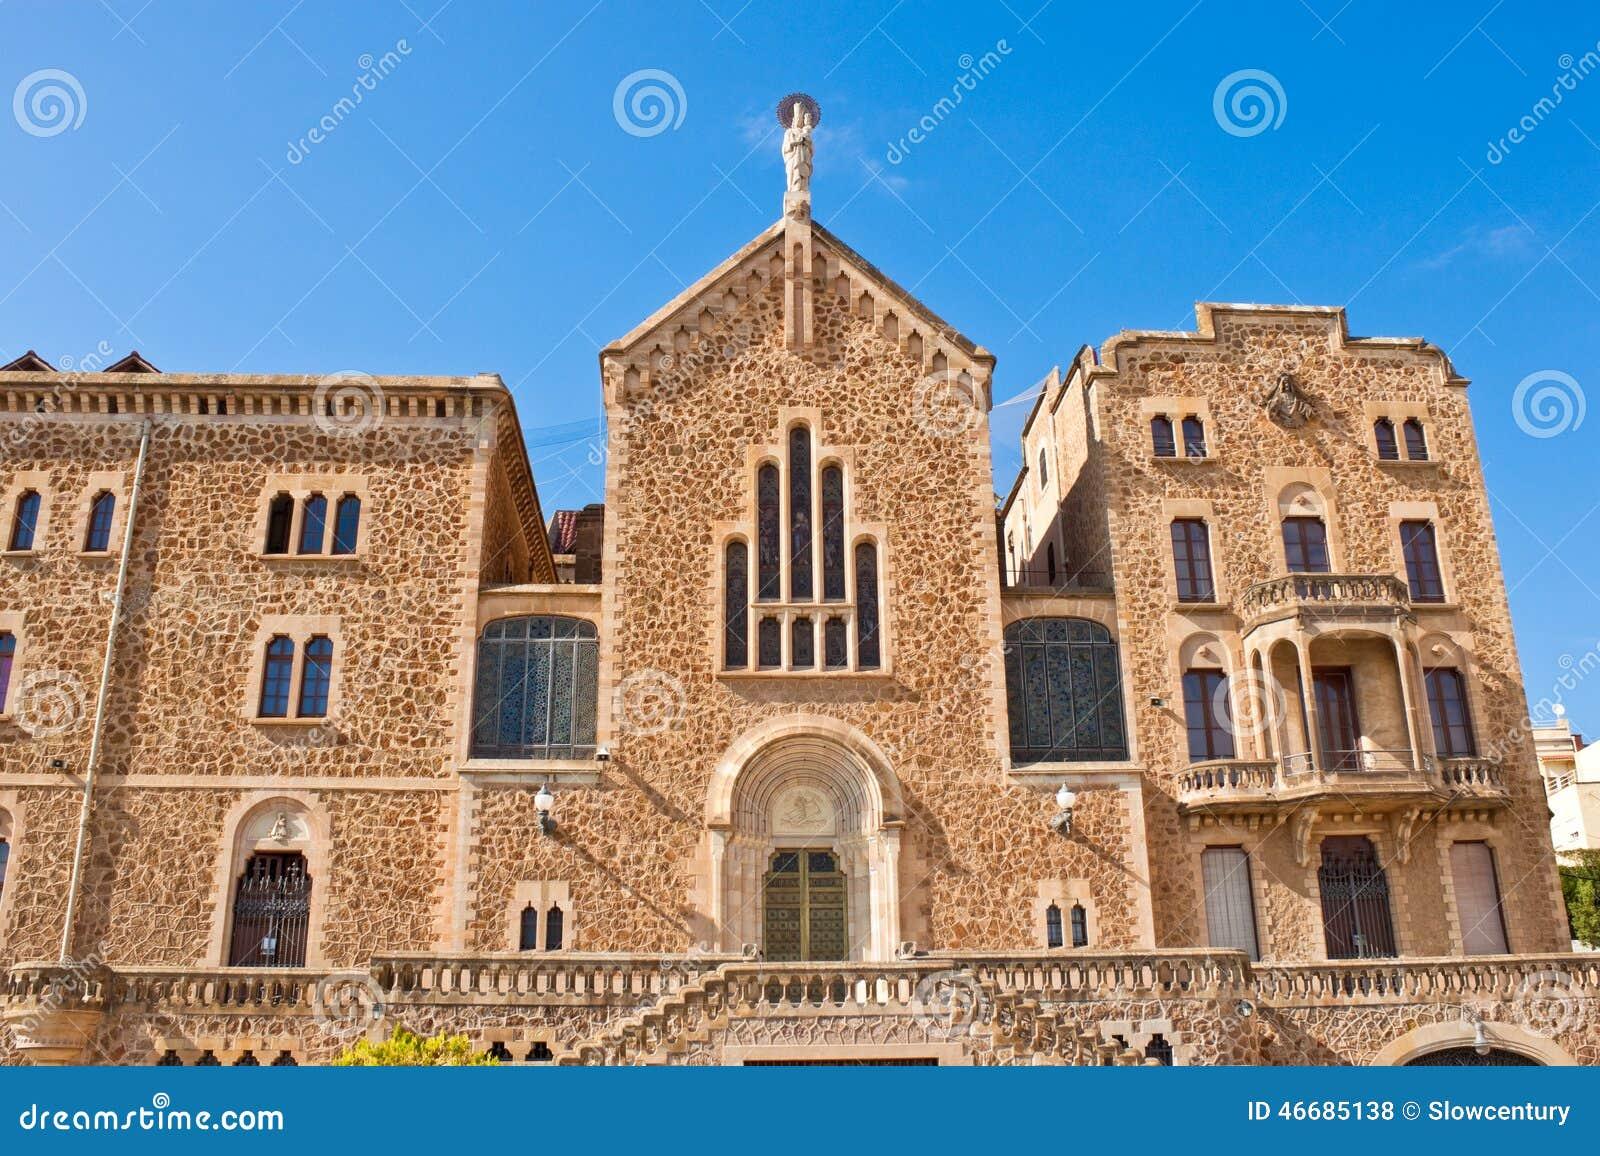 St joseph of the mountain church in barcelona spain - Barcelona san jose ...